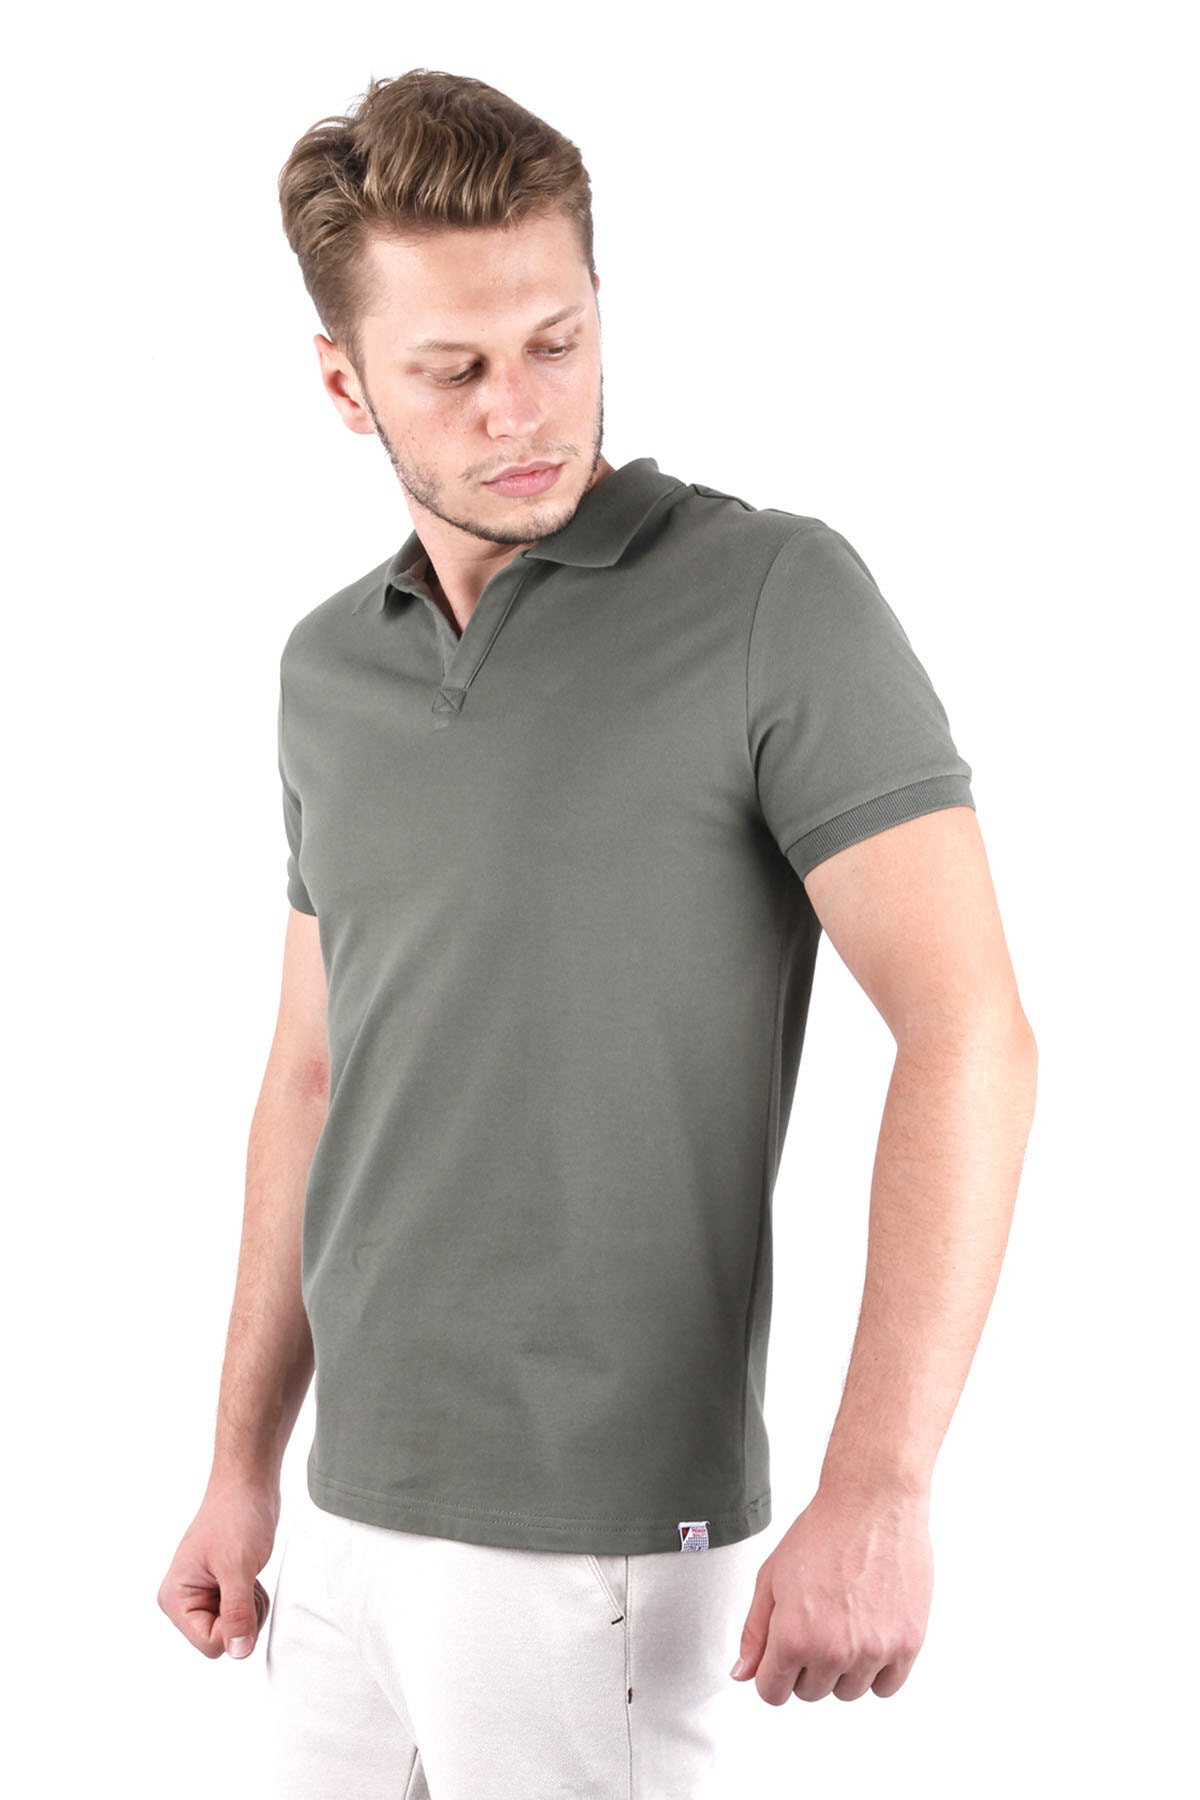 Canelia Erkek Haki Likralı Pike Haki Renk Slimfit T-shirt 2